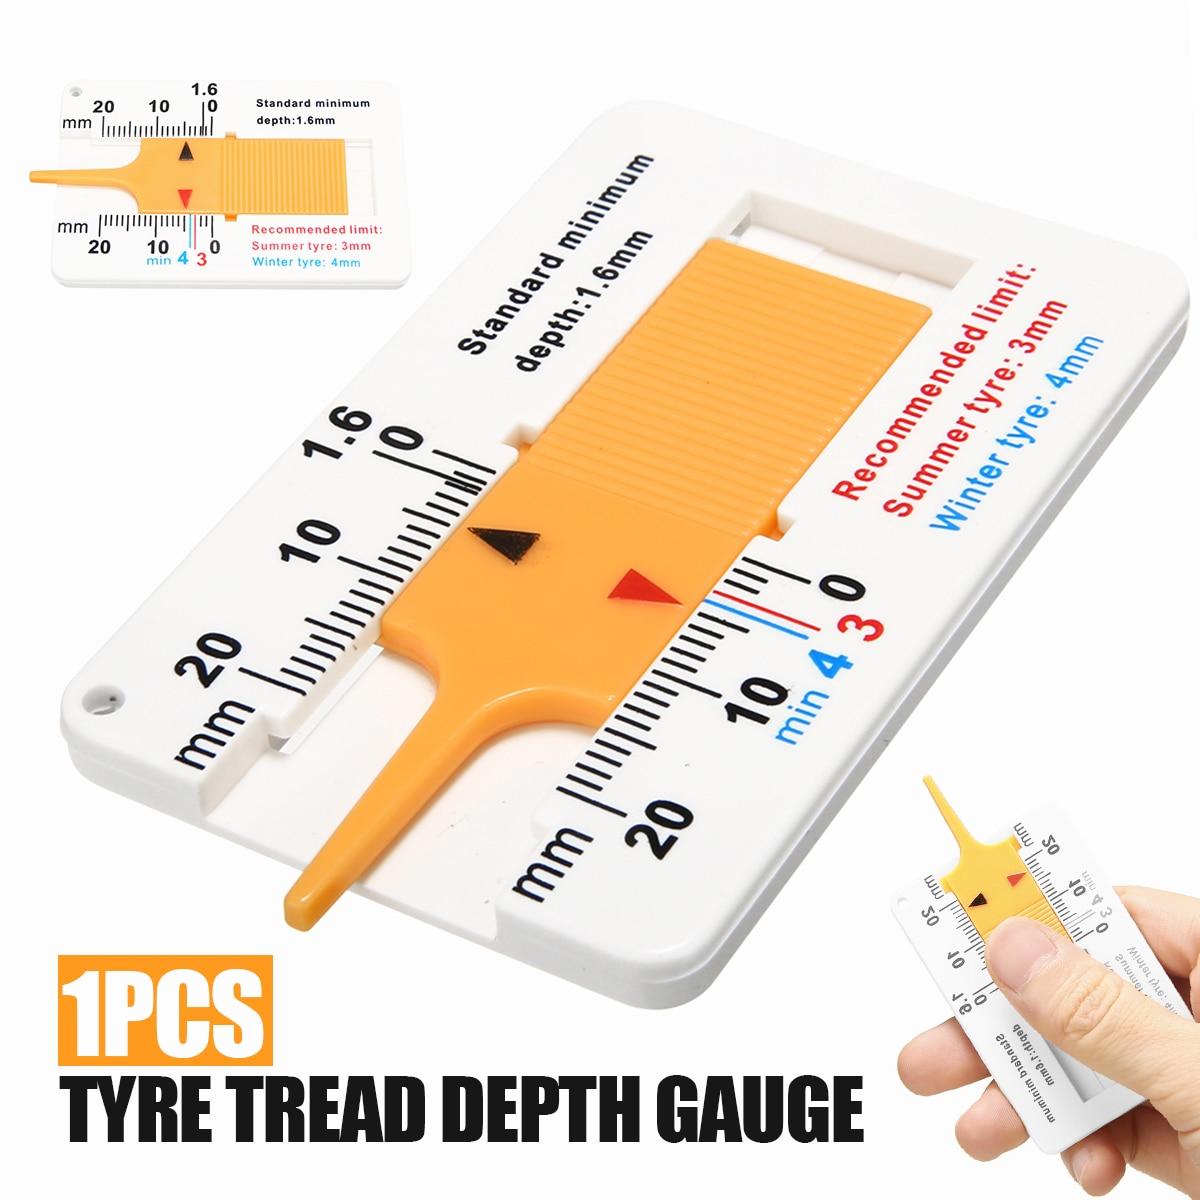 Car Tire Repair Tools 1pc Car Motorcycle Trailer Van Wheel Measure Tool Compact Tyre Tread Depth Gauge